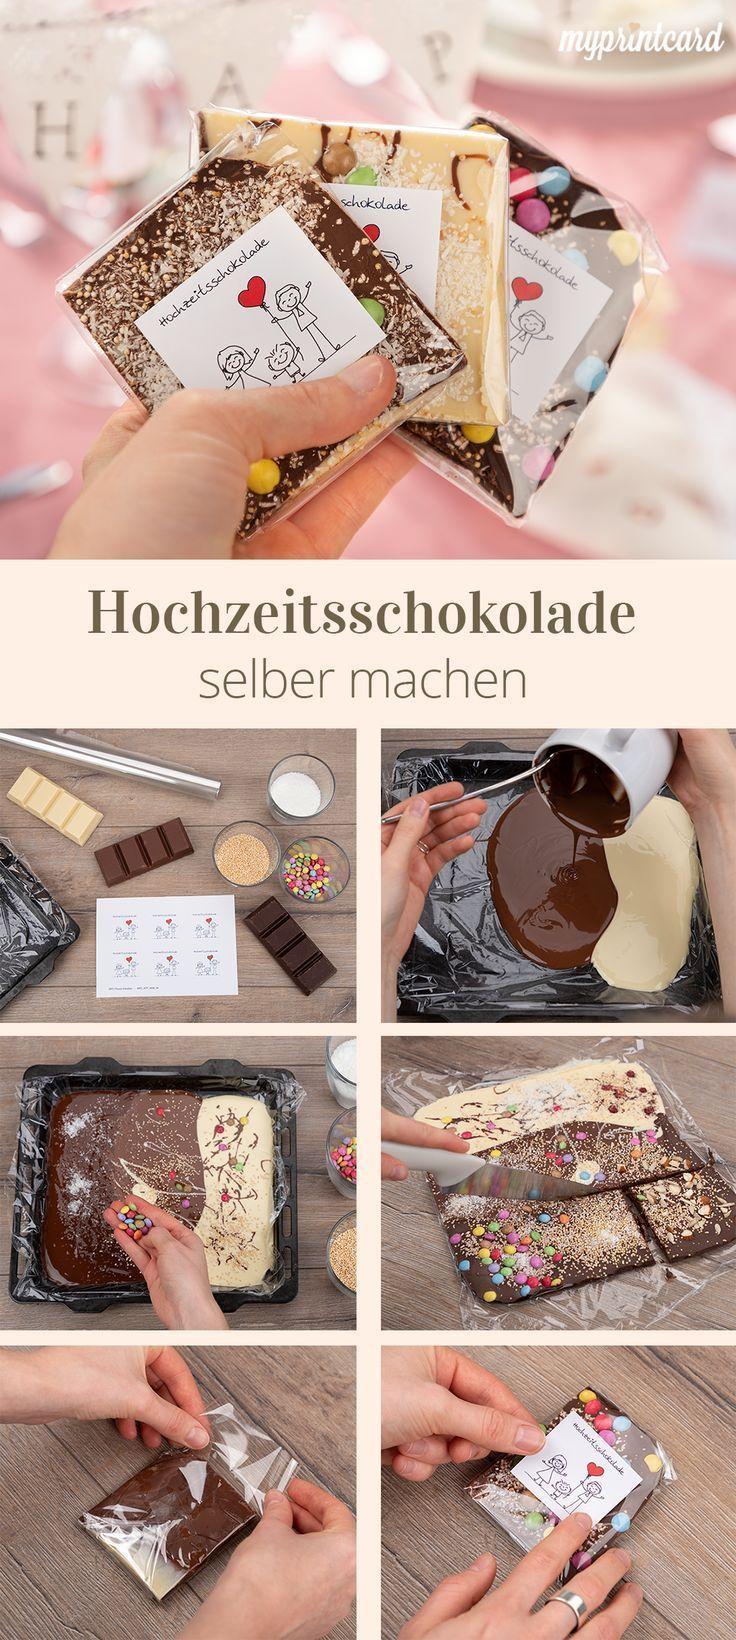 Hochzeits-Schokolade als süßes Gastgeschenk zum Selbermachen #gifts